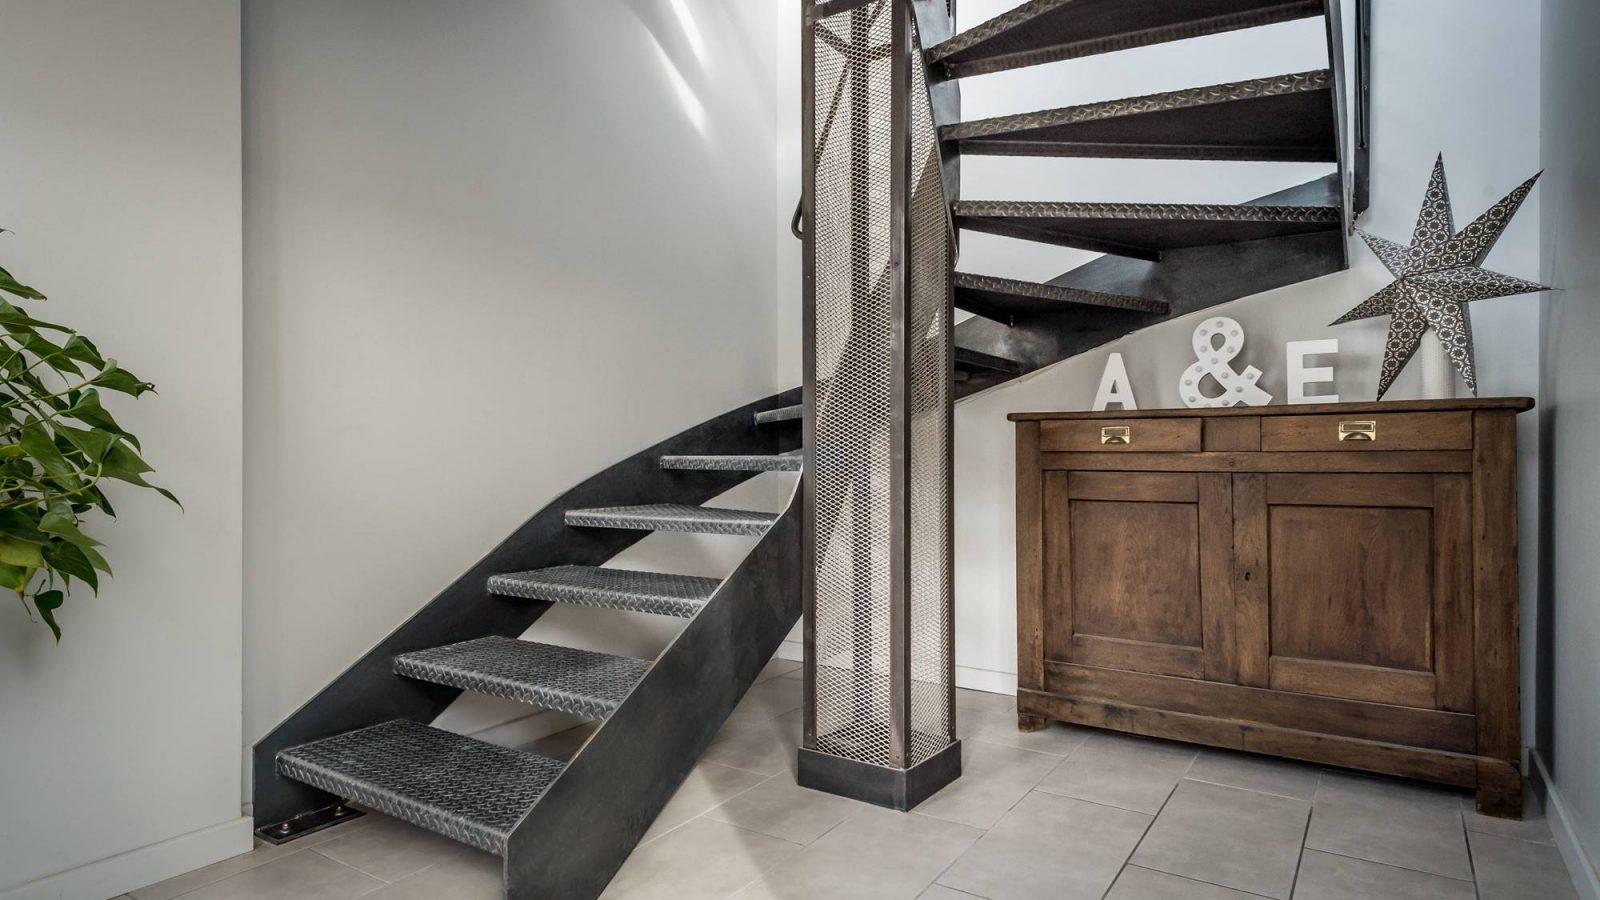 escalier style industriel tout en m tal loft 1 atmos fer toulouse. Black Bedroom Furniture Sets. Home Design Ideas